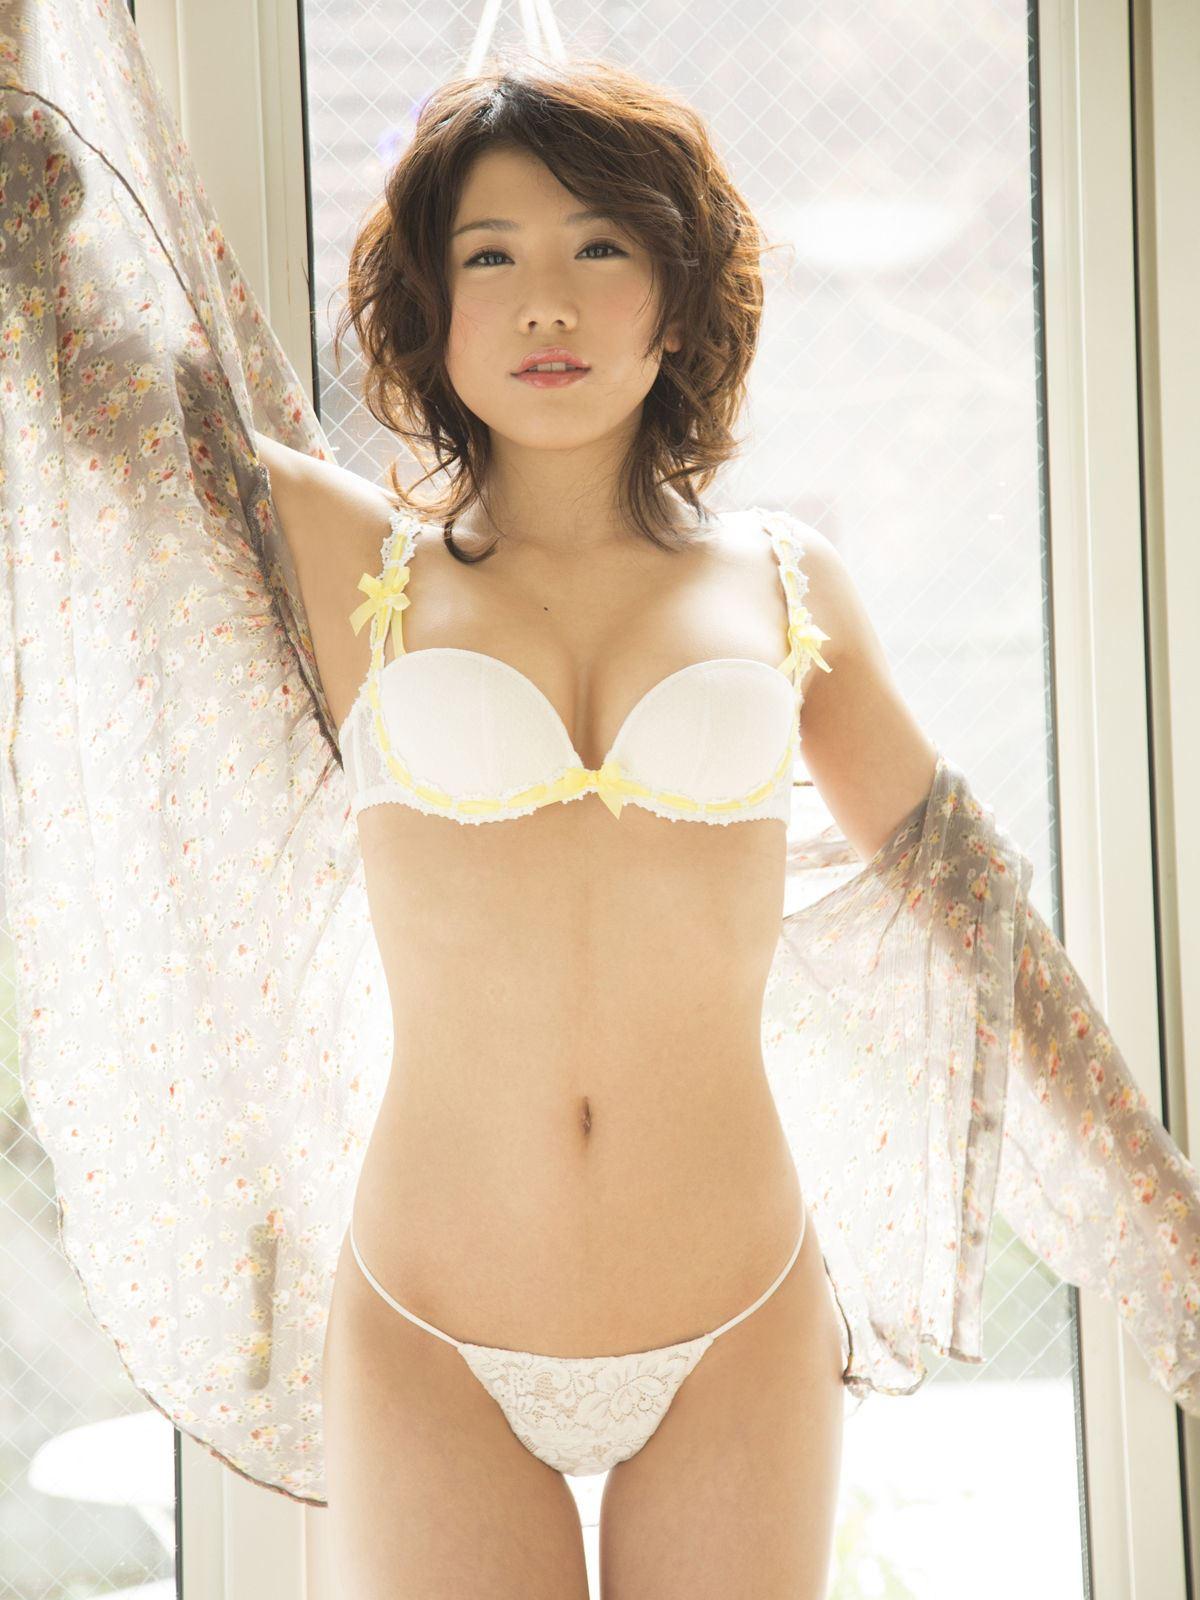 千明芸夢 Eカップ 横乳 過激 水着 エロ画像 5